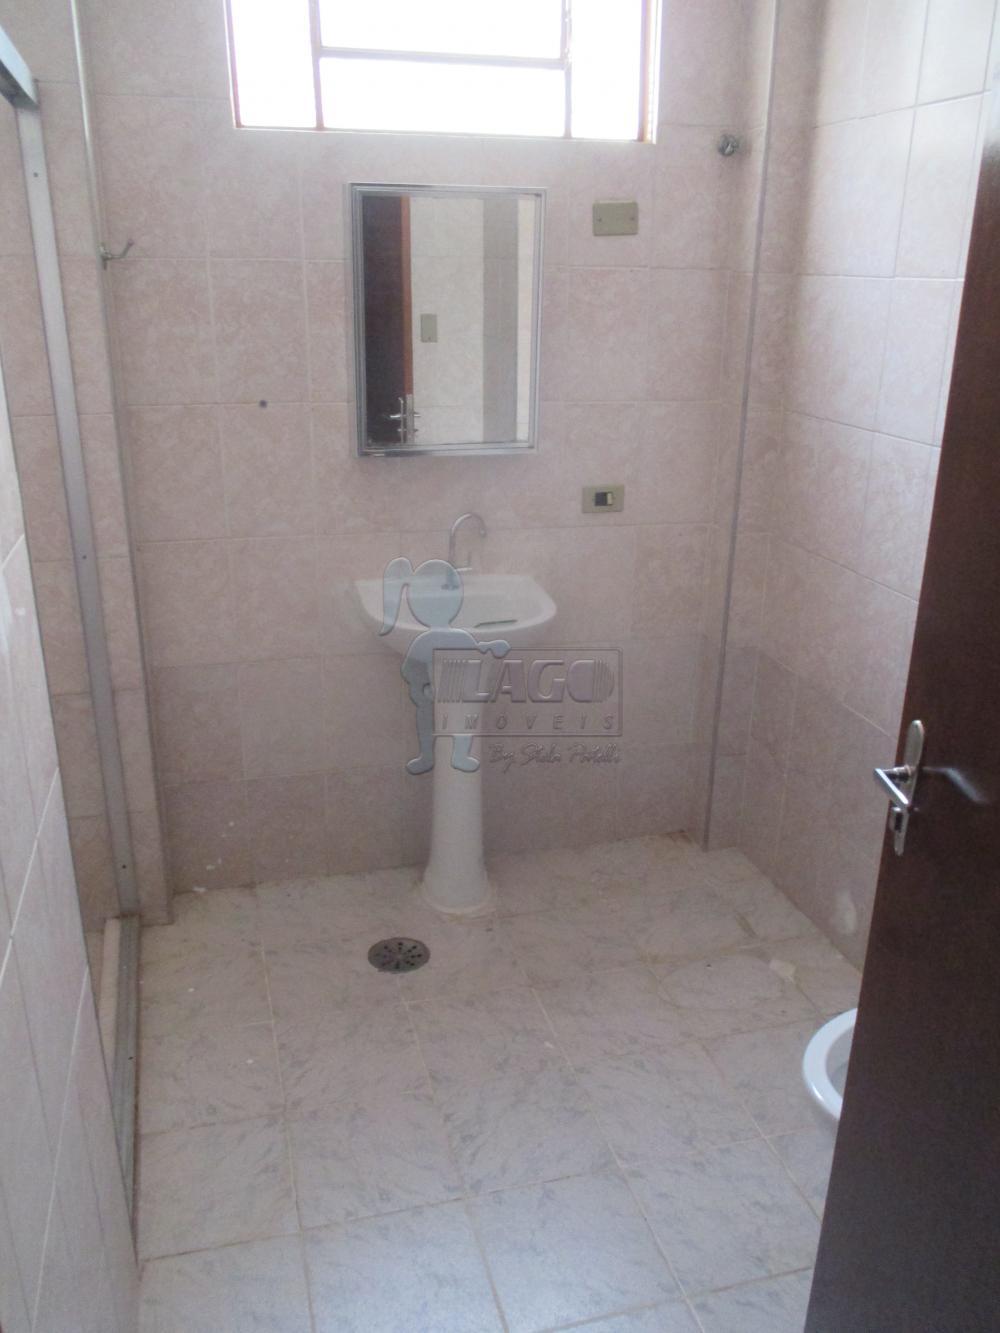 Alugar Casas / Padrão em Ribeirão Preto apenas R$ 1.200,00 - Foto 11